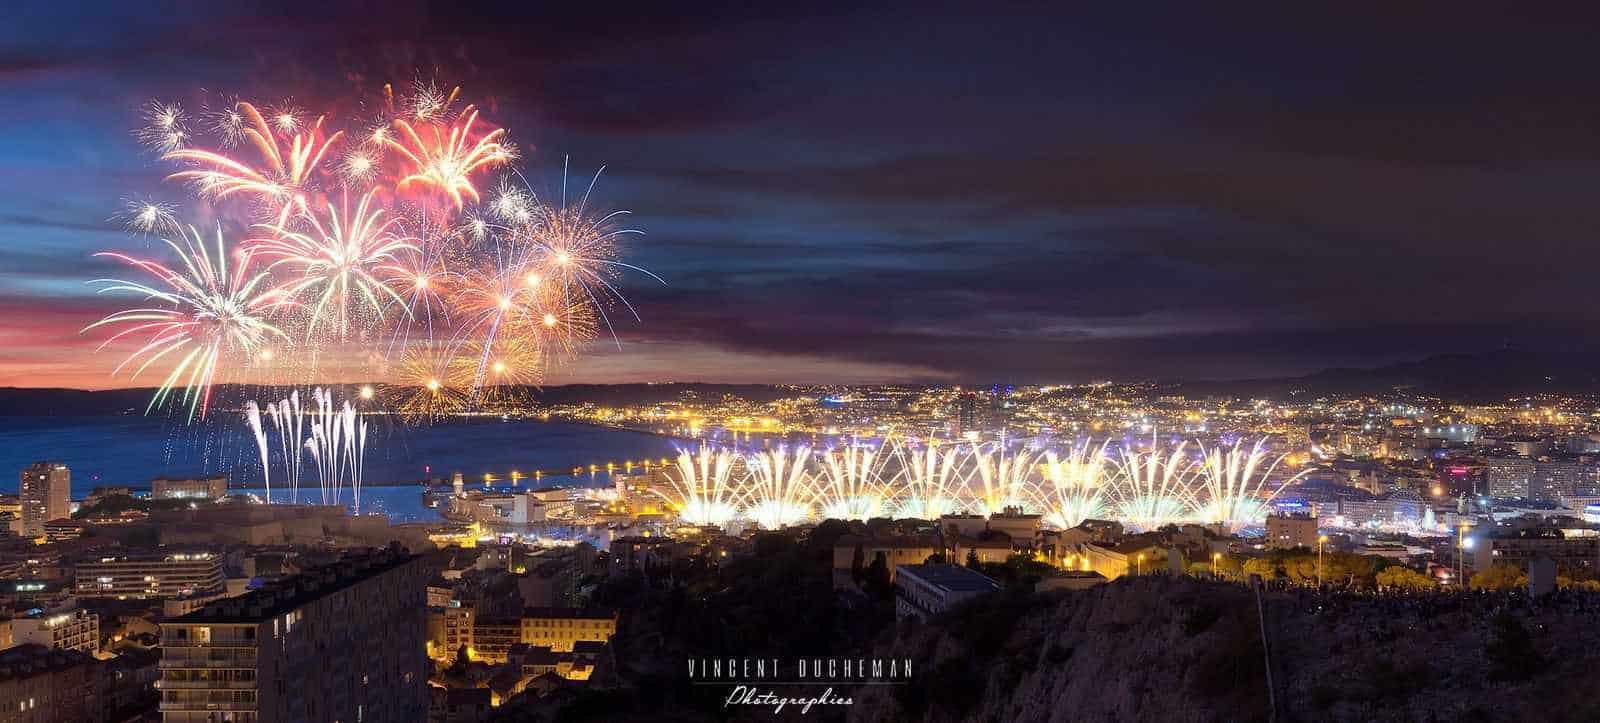 les plus belles photos du feu d artifice 2017 224 marseille made in marseille